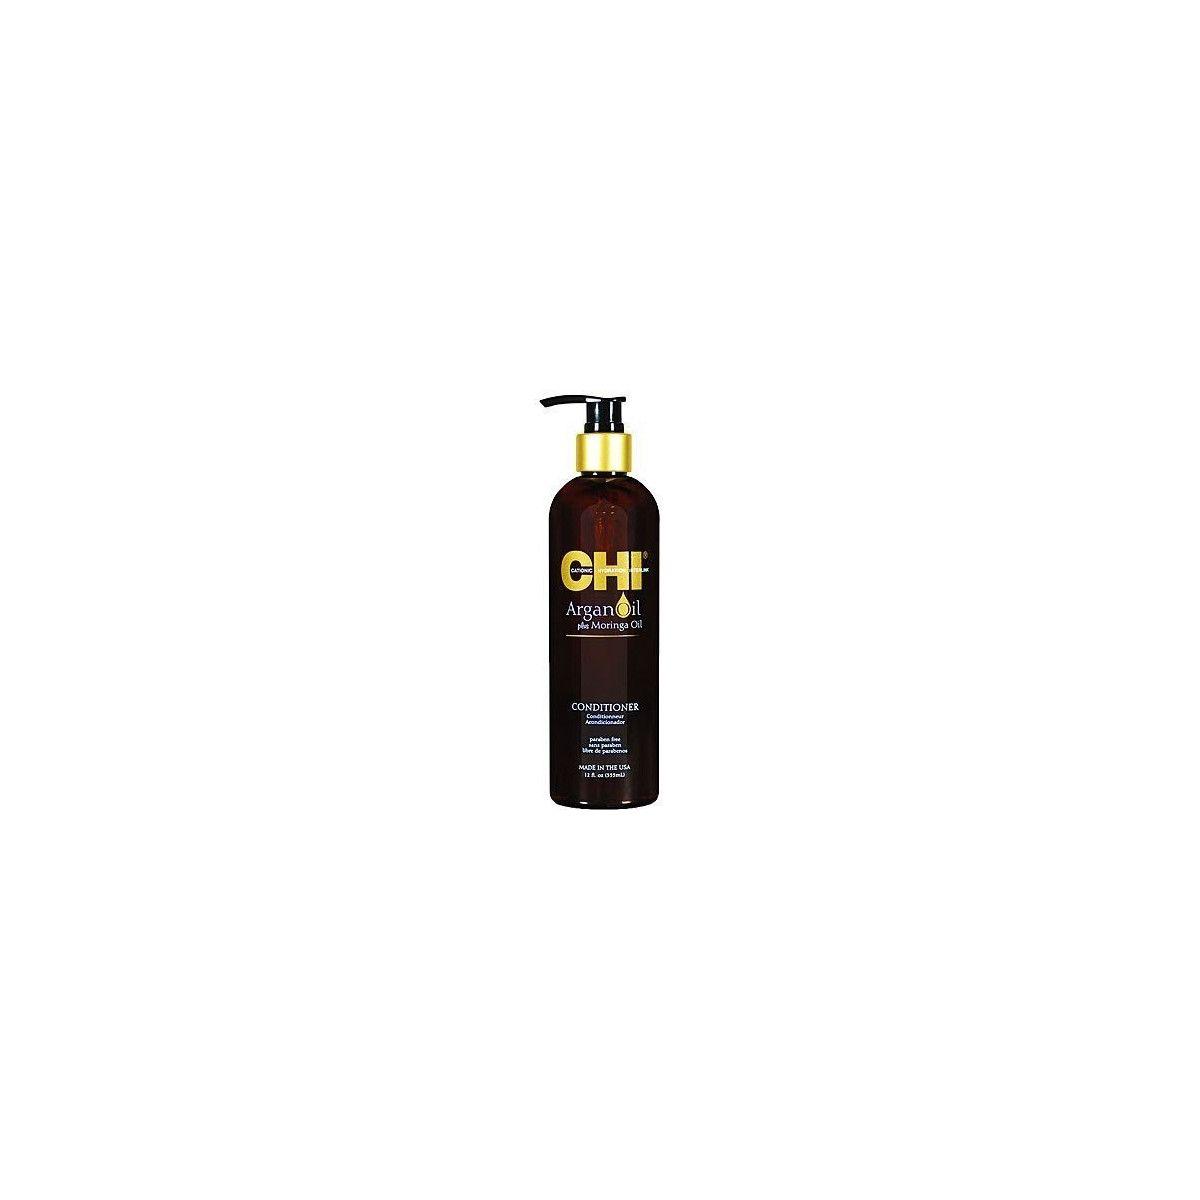 CHI Argan Oil Moringa, Odżywka regeneruje zniszczone i suche włosy 355ml